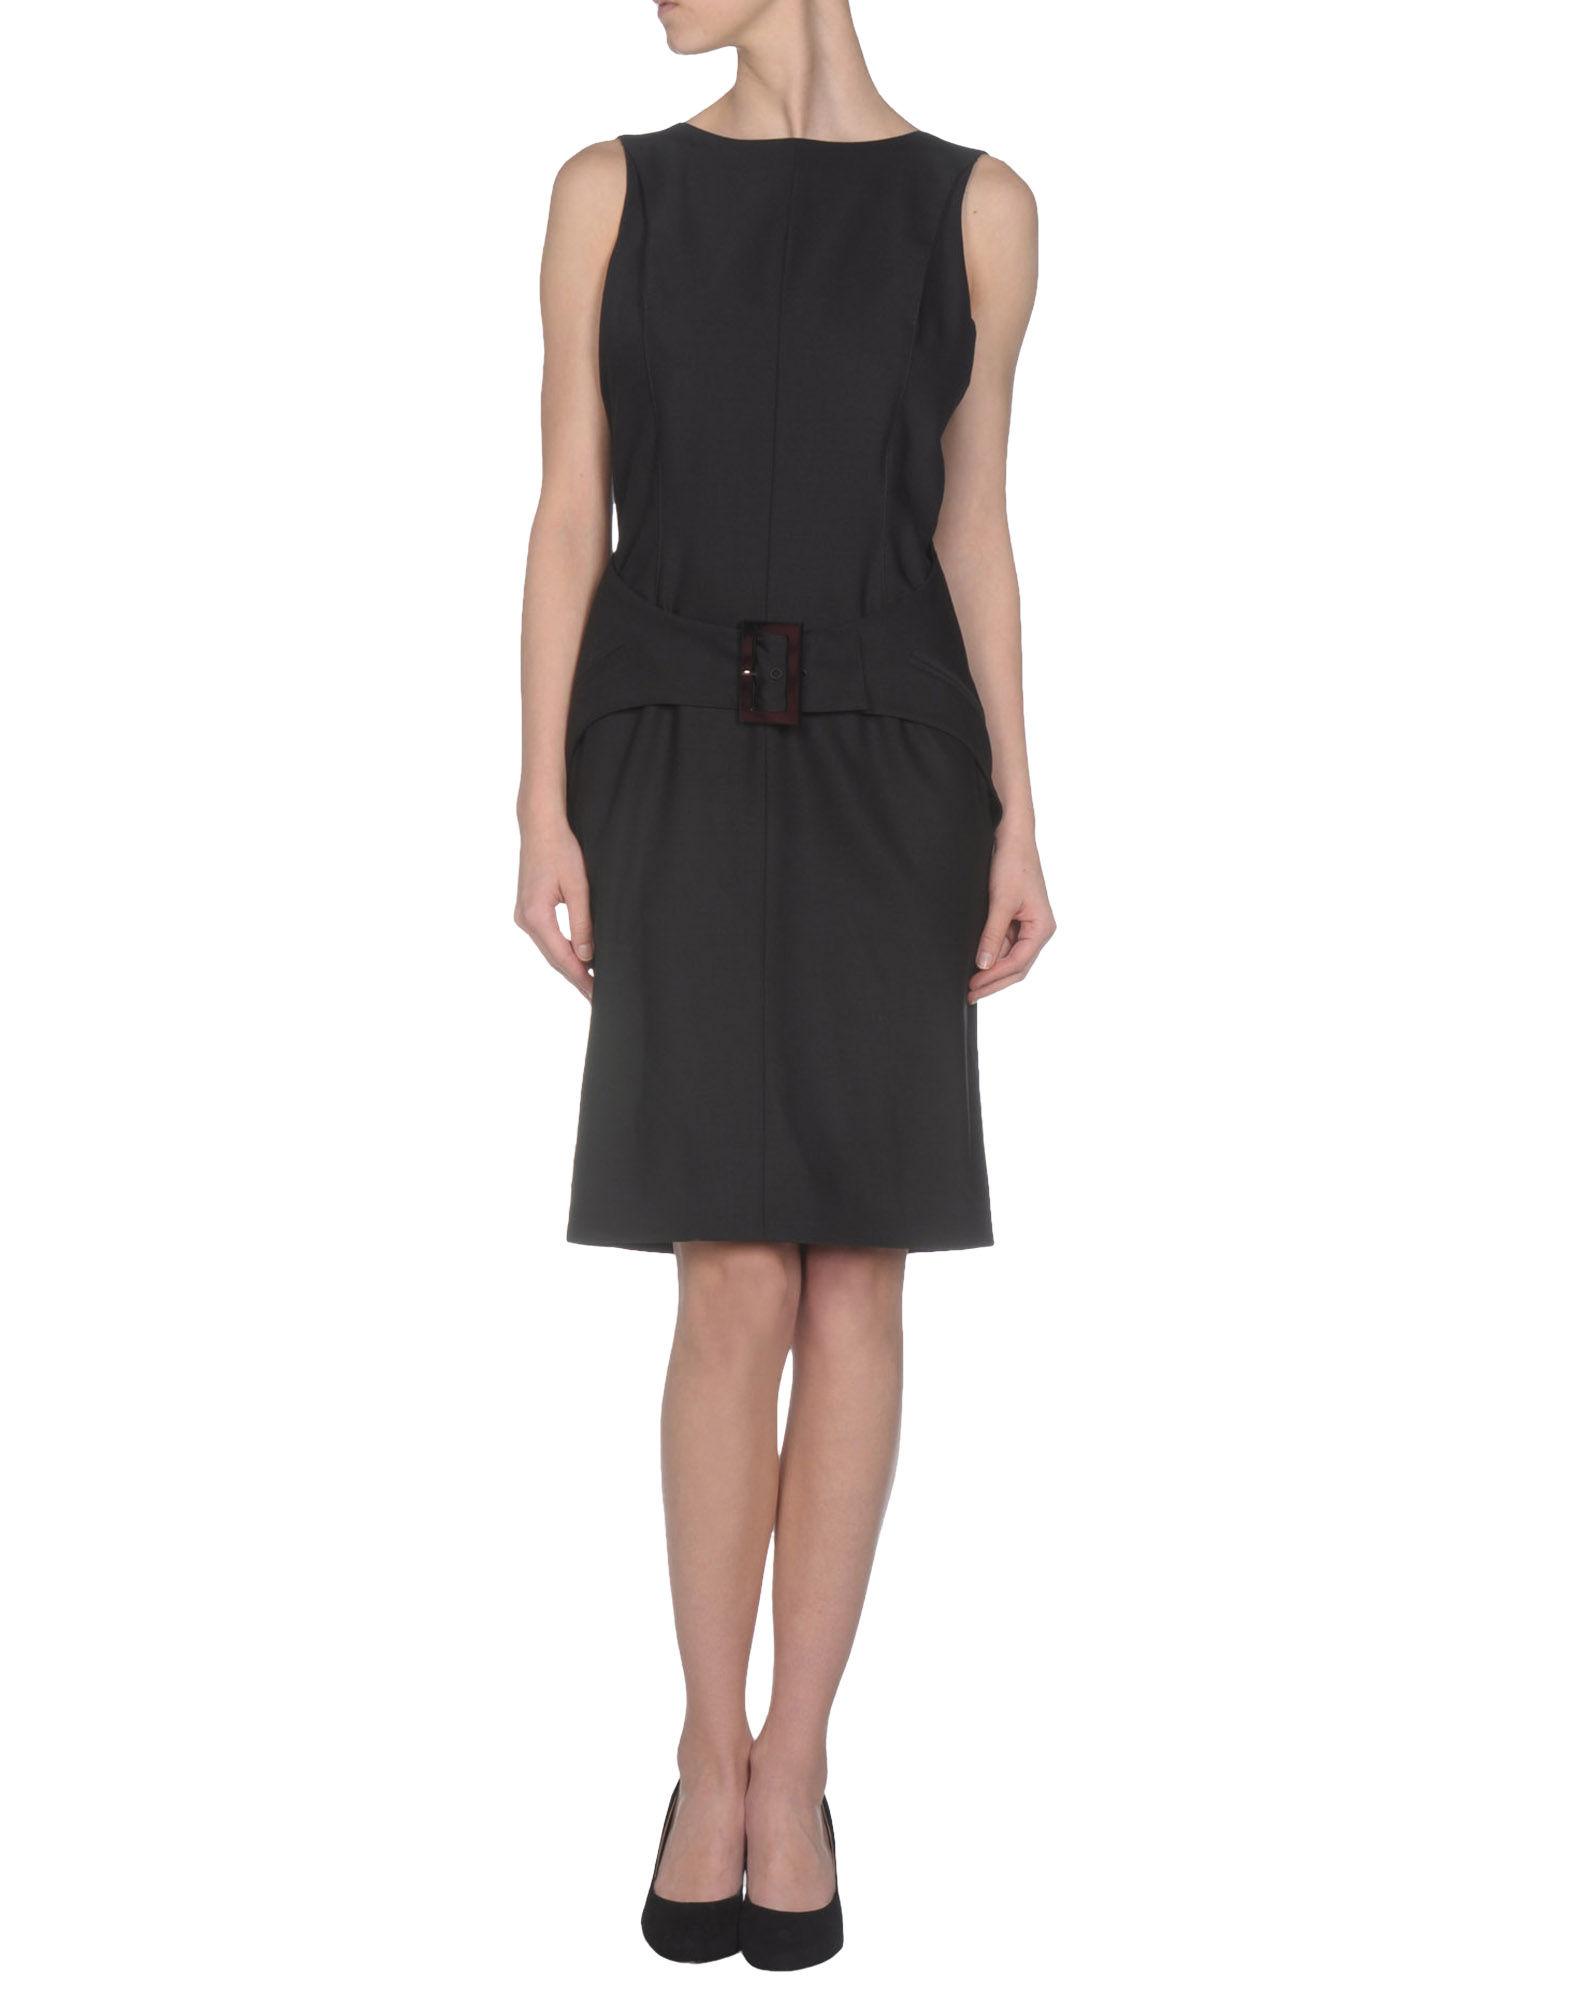 karl lagerfeld short dress in black lyst. Black Bedroom Furniture Sets. Home Design Ideas